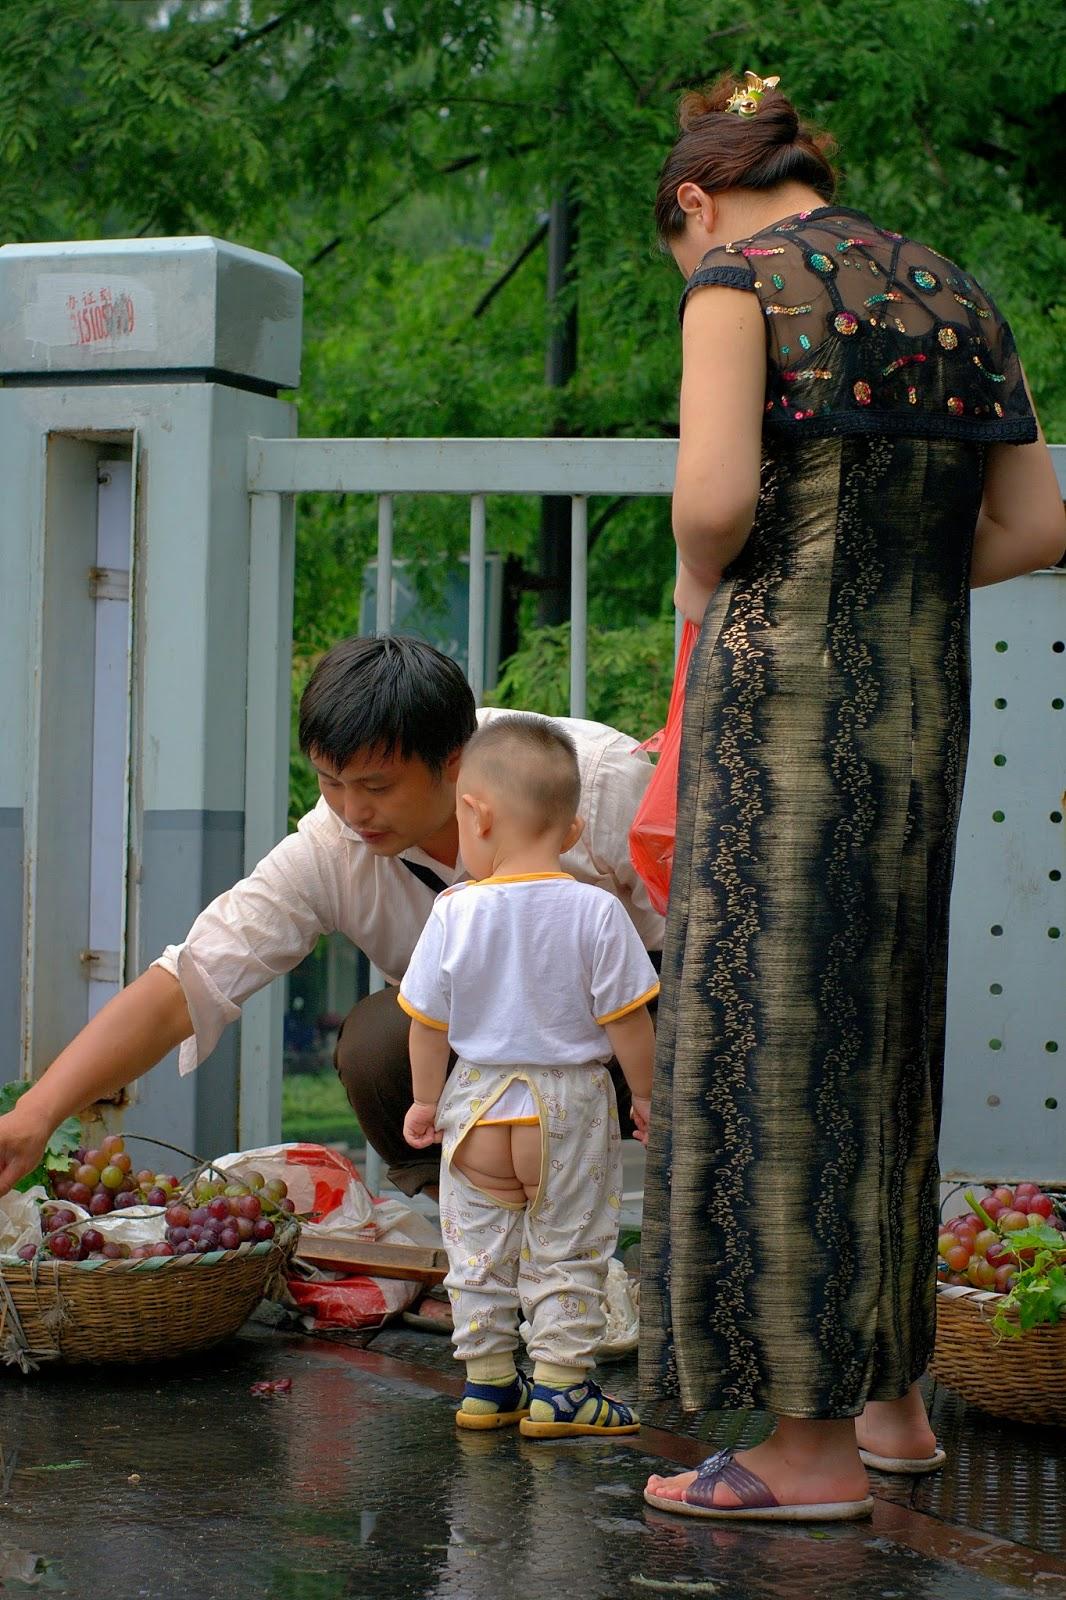 Asiatisches Kind mit Schlitzhosen